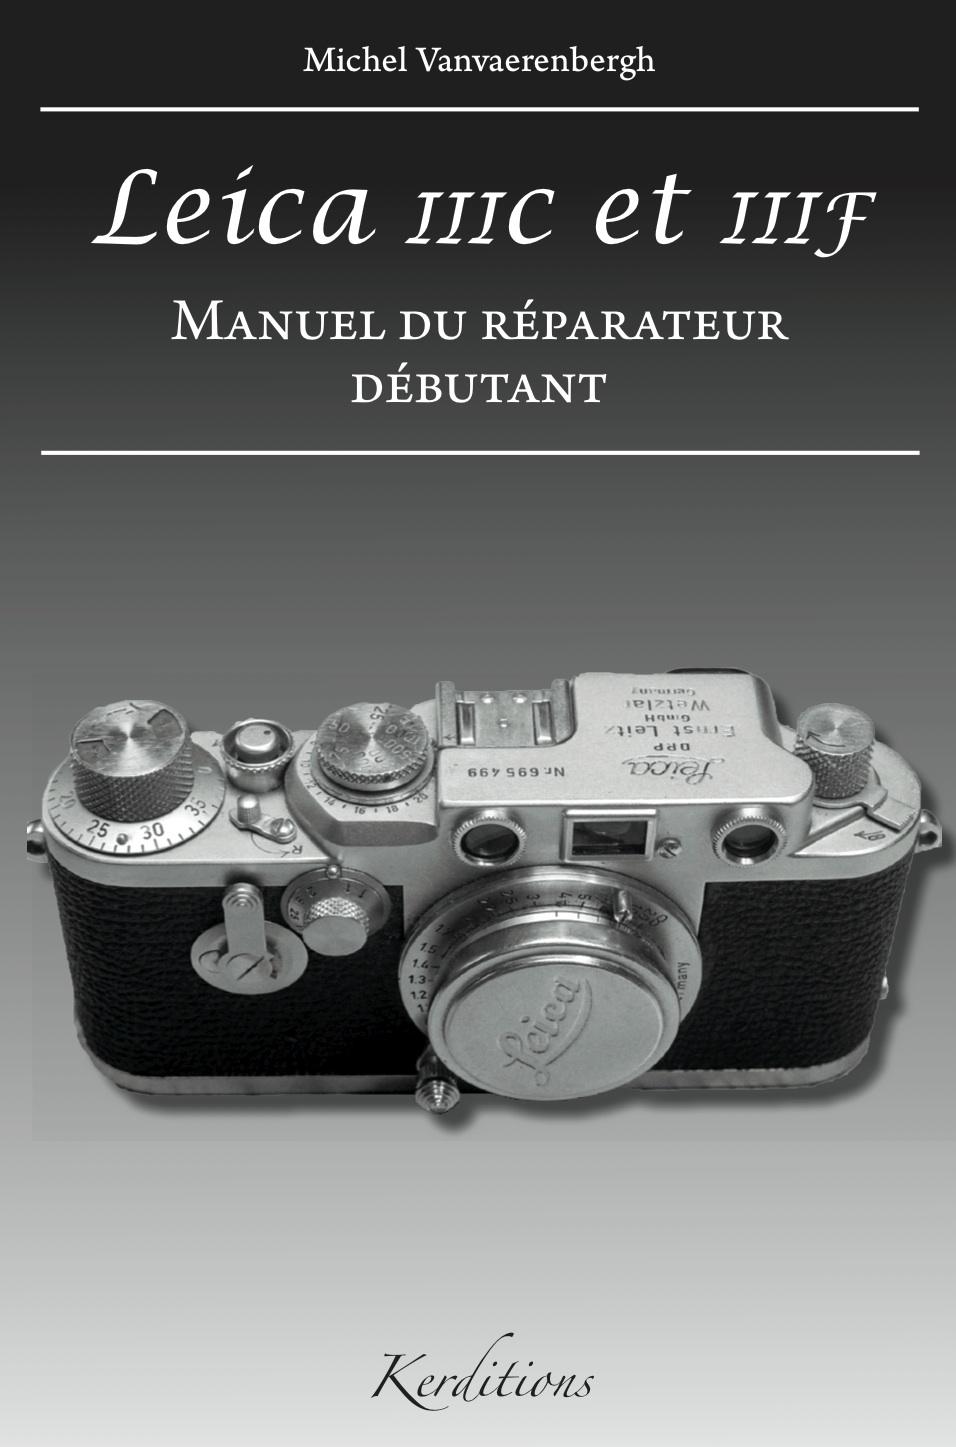 Leica IIIc et IIIf – Manuel du réparateur débutant